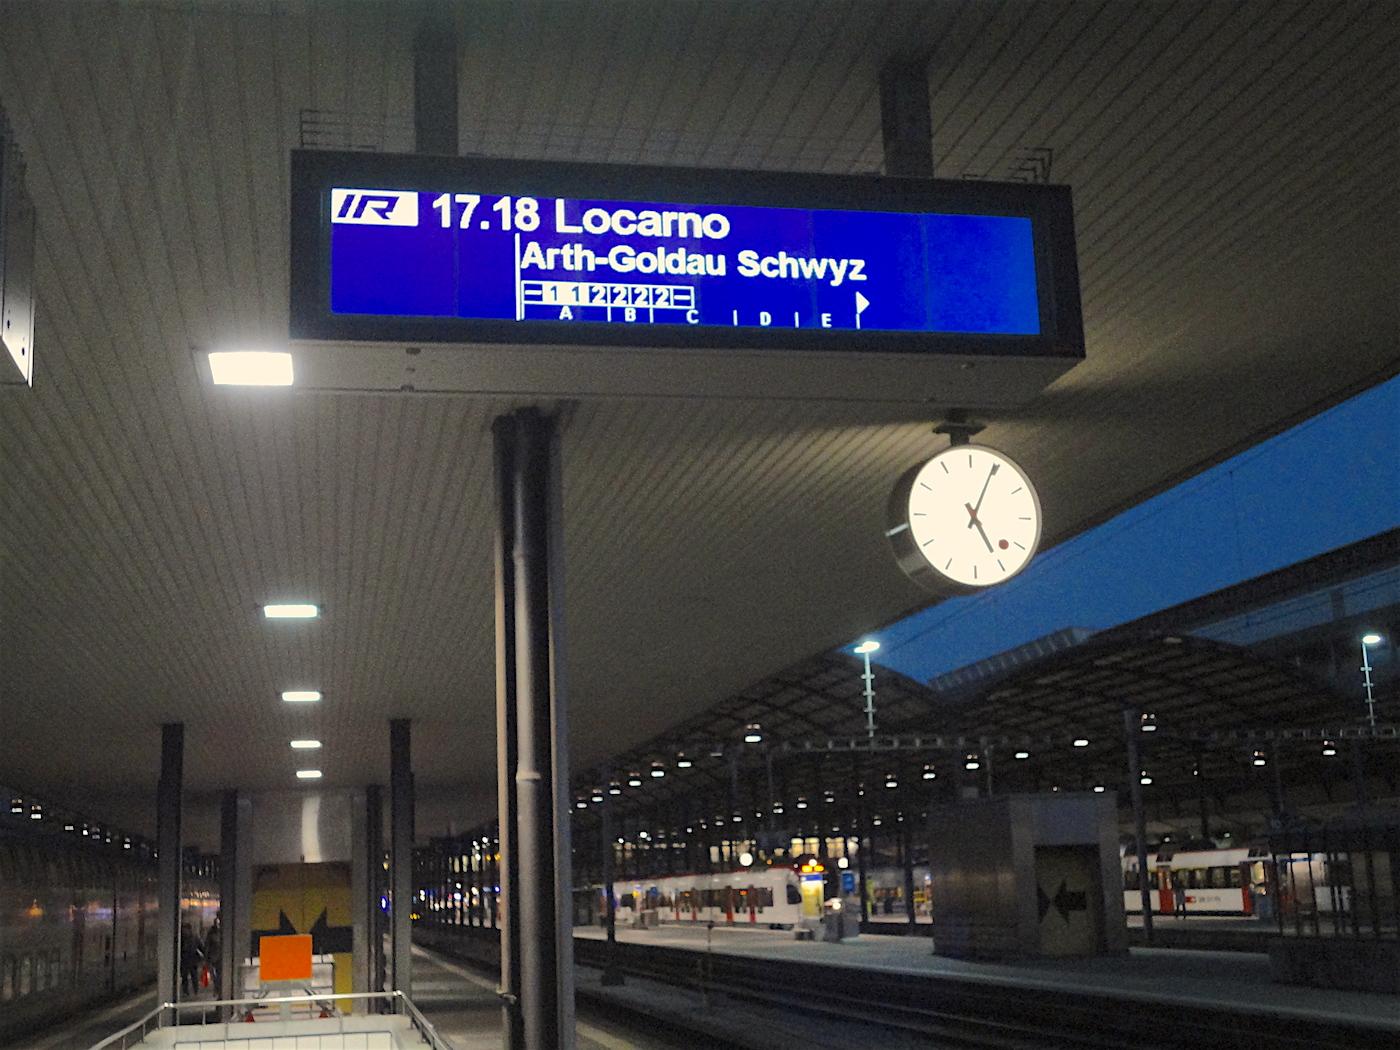 Viele Direktzüge ins Tessin gibt es seit diesem Sonntag nicht mehr und auch der wirtschaftliche Nutzen der Neat für Luzern wird in Frage gestellt.